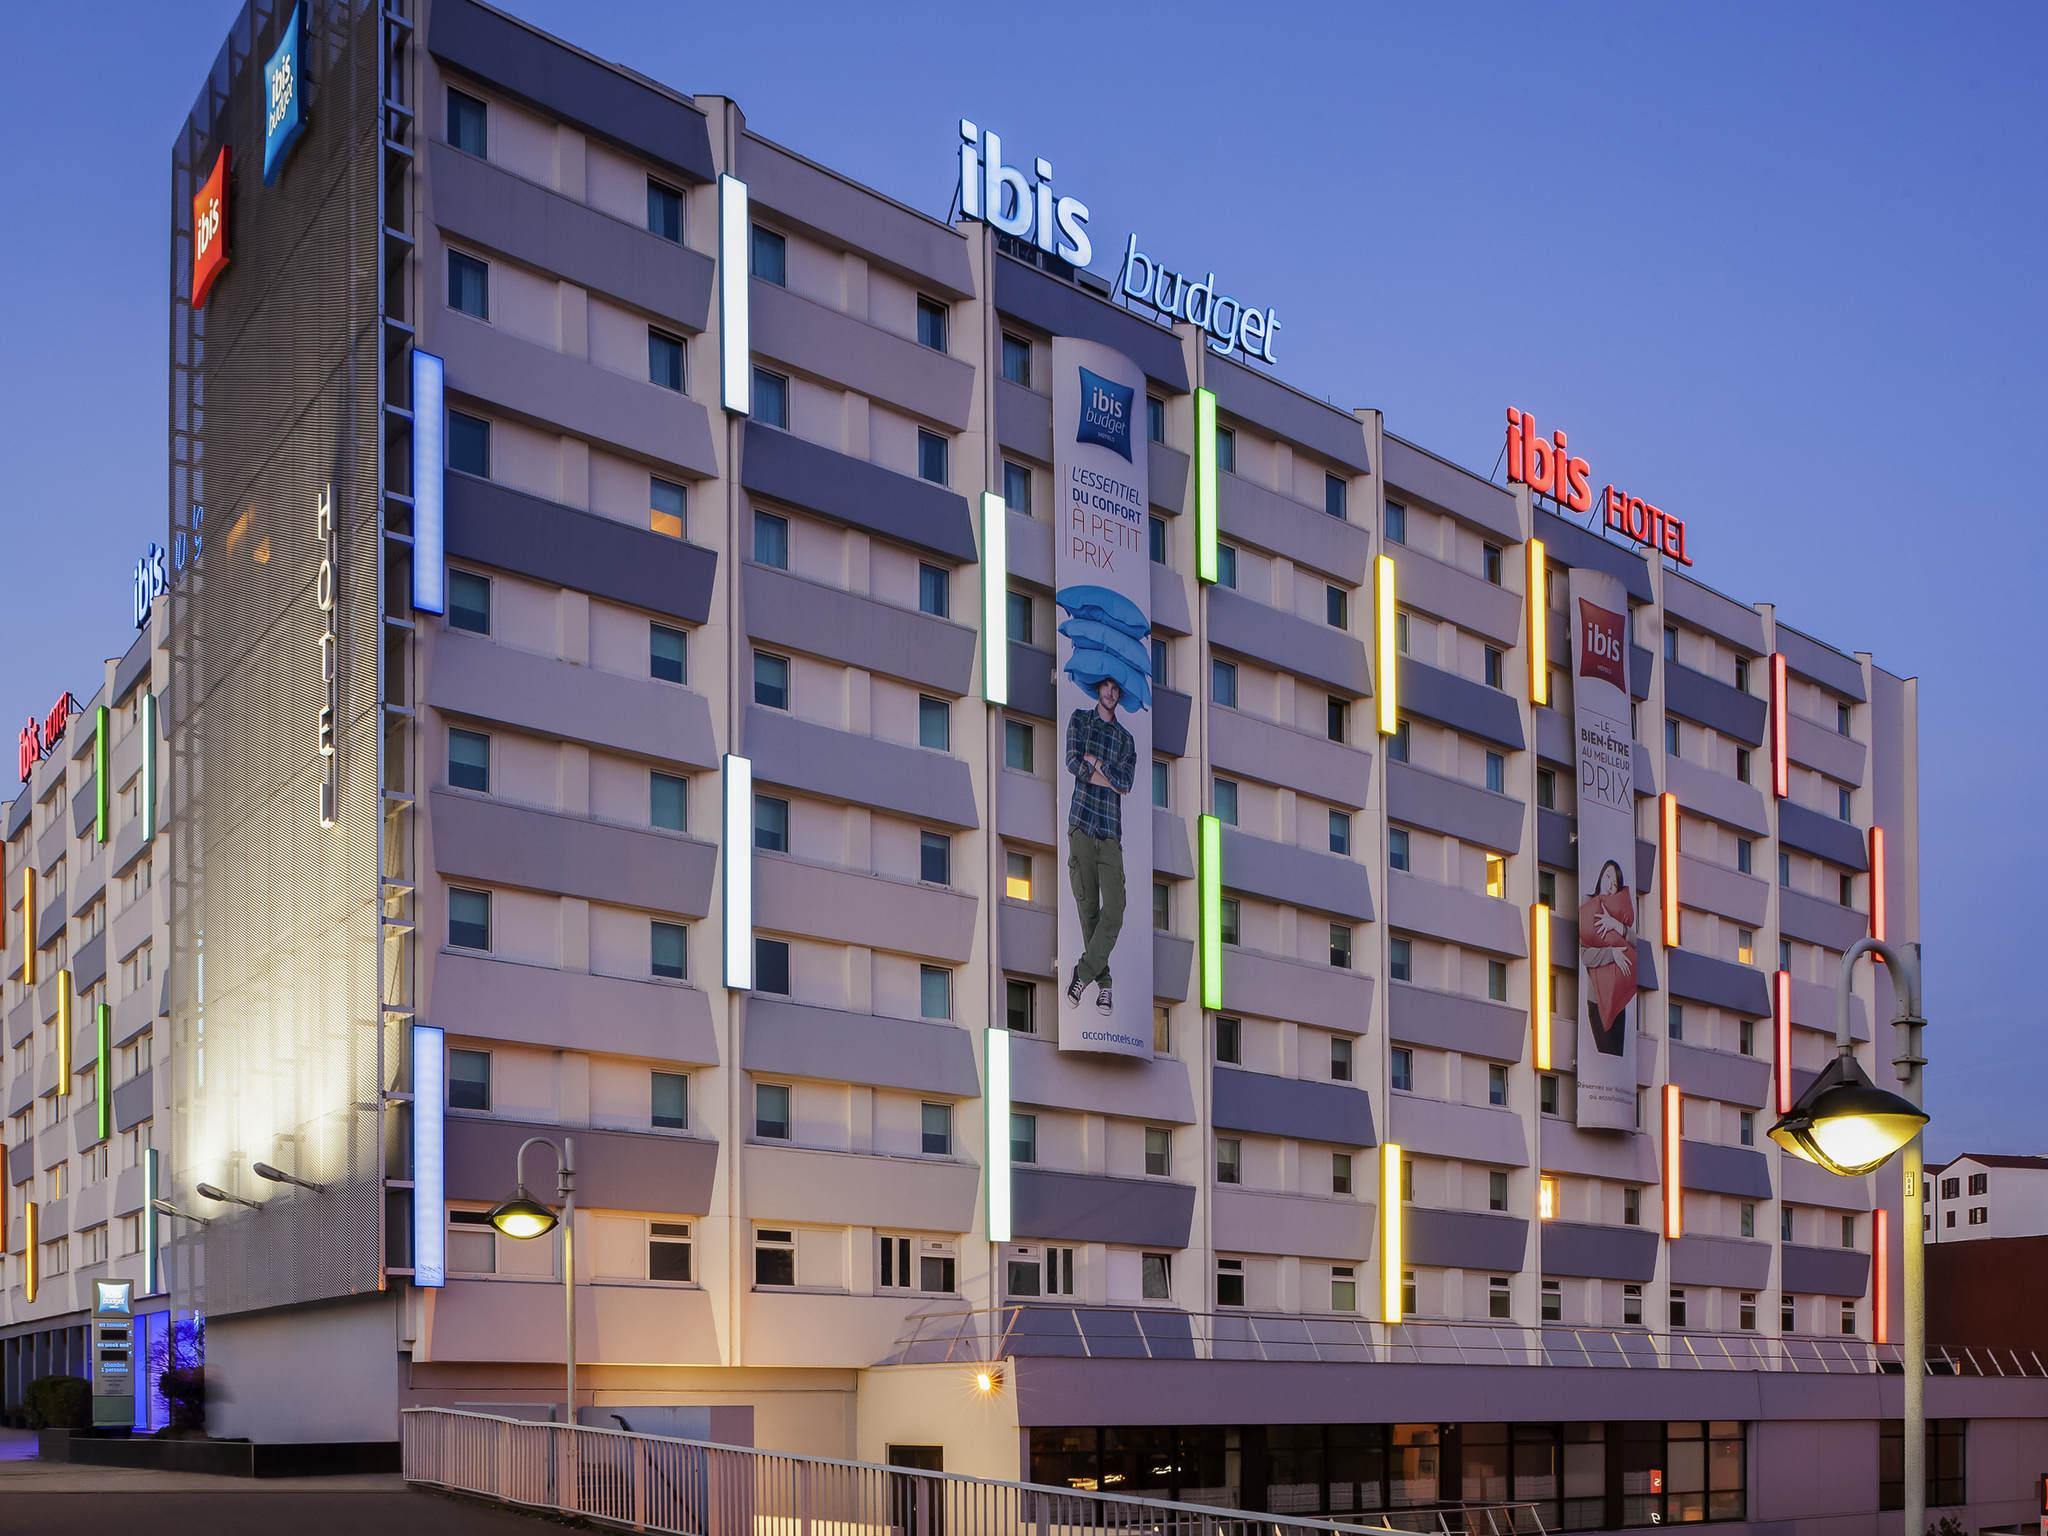 Hotel porte de bagnolet - Hotel ibis porte de bagnolet ...